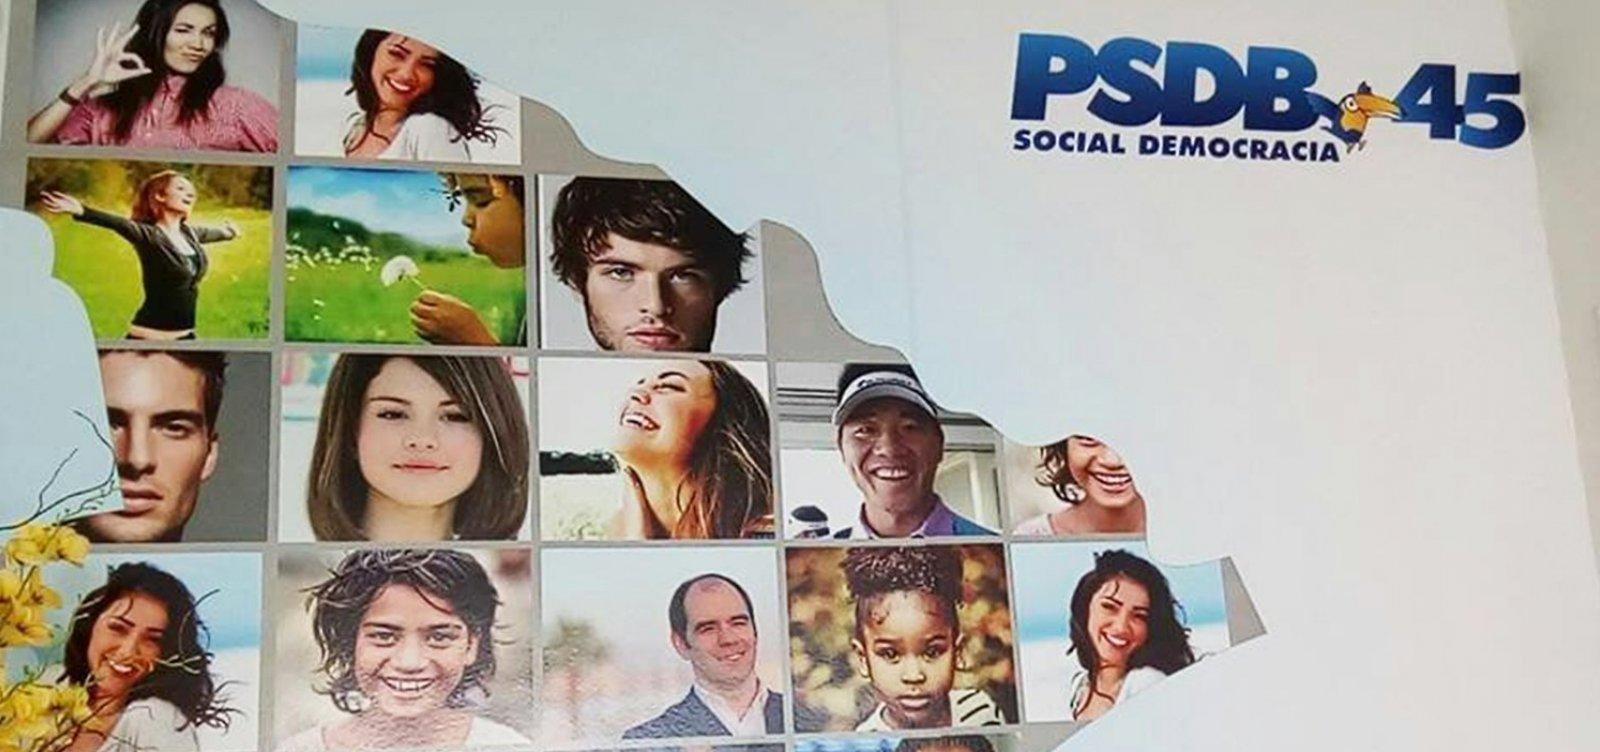 [PSDB de Sergipe usa foto de Selena Gomez como moradora local e apoiadora do partido]